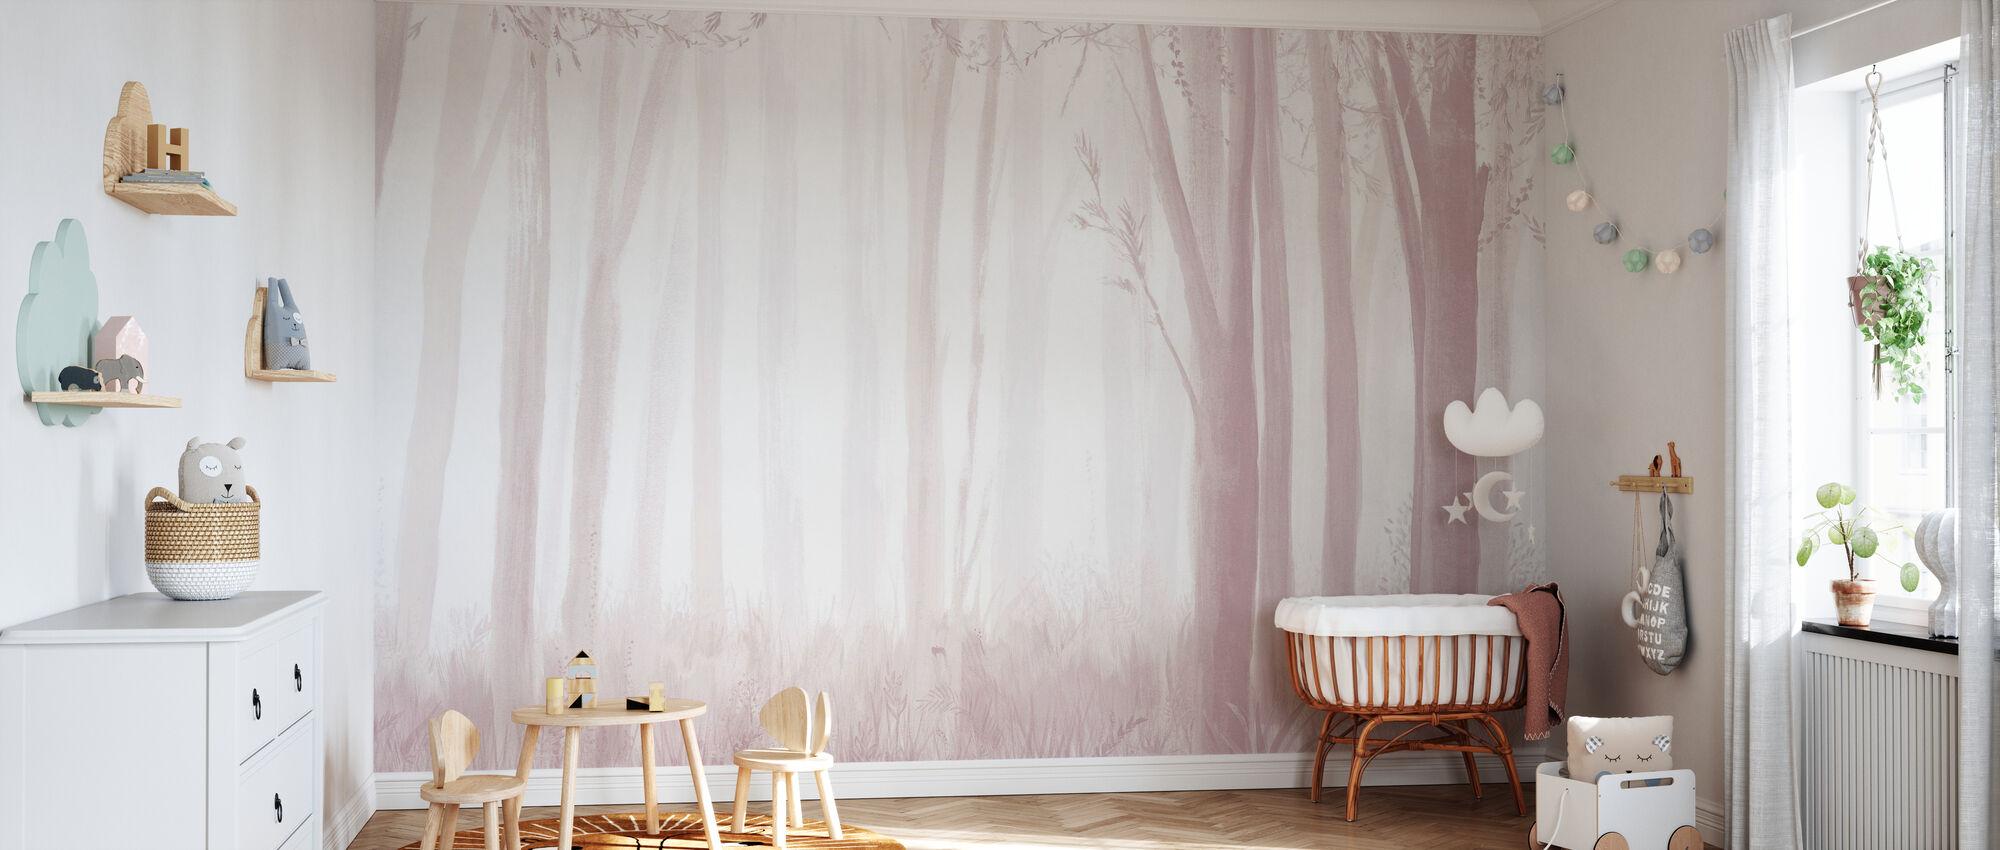 Árboles - Rosa - Papel pintado - Cuarto del bebé